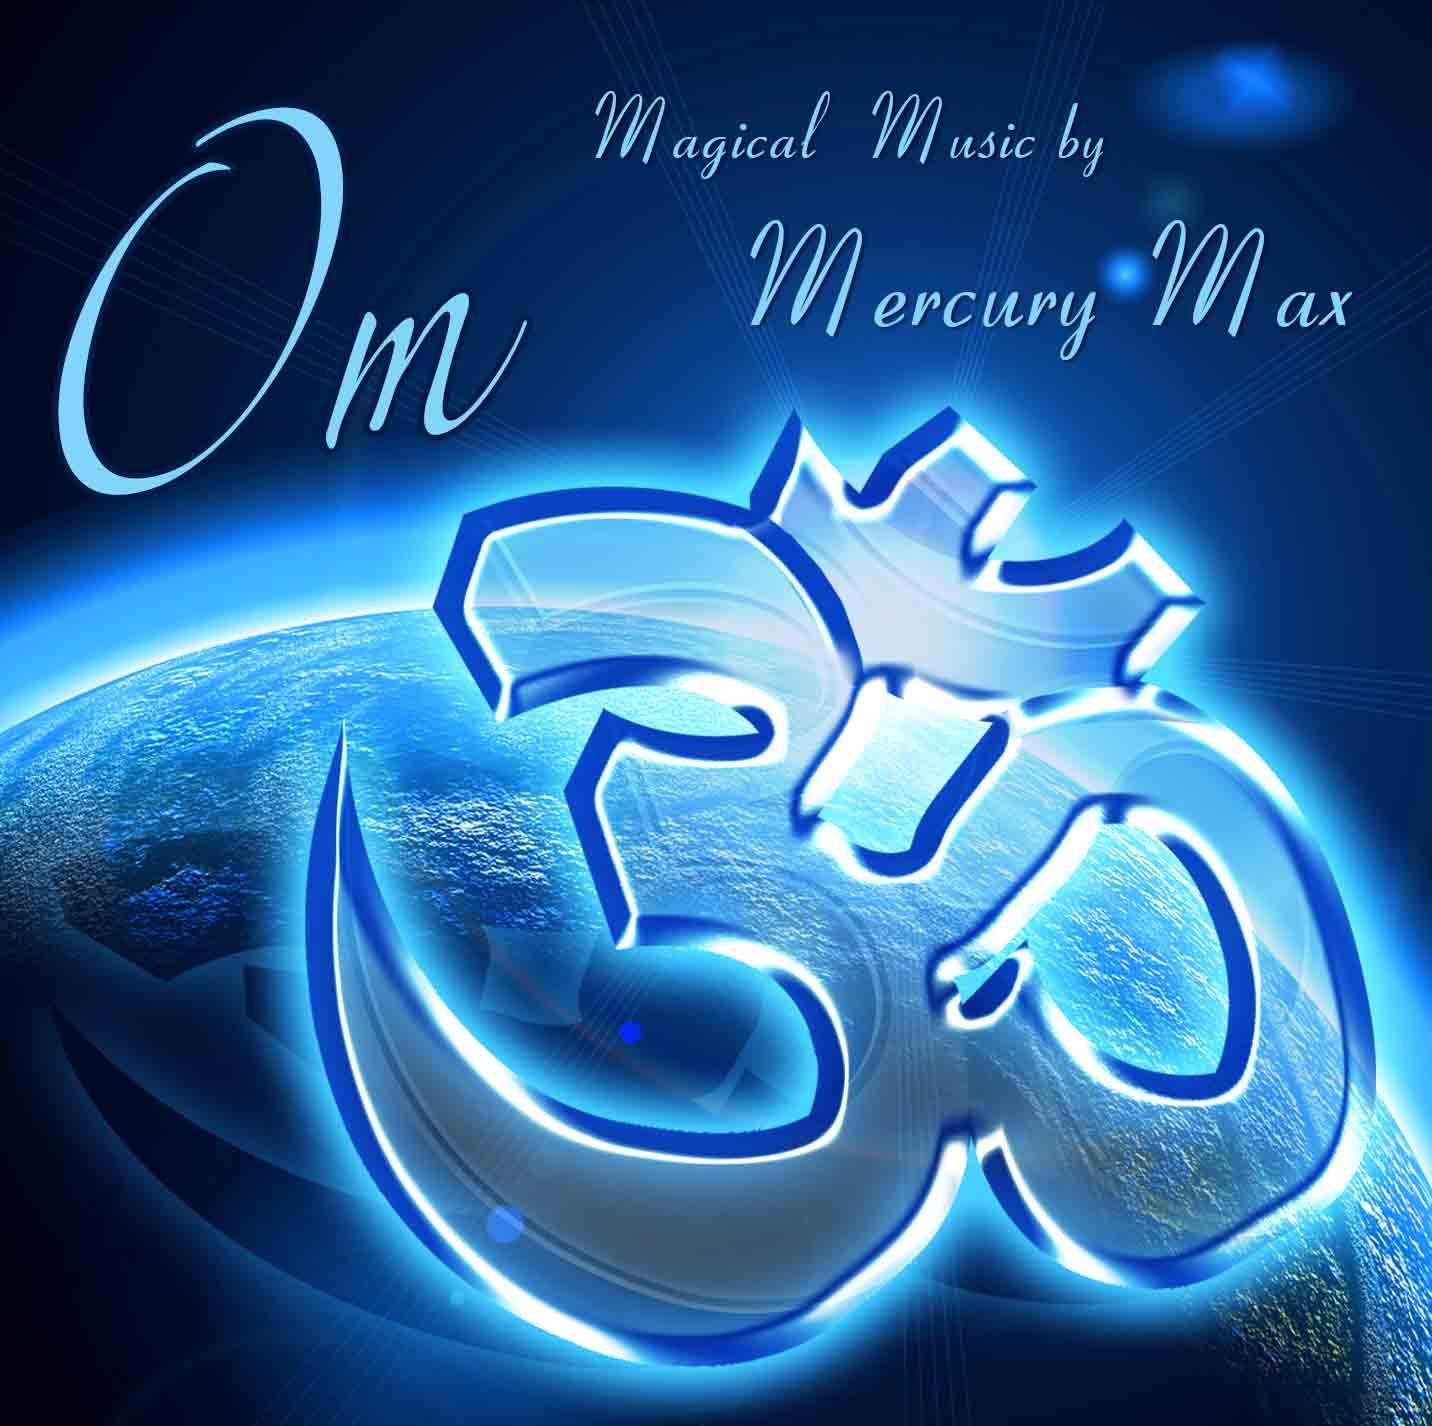 OM CD by Mercury Max